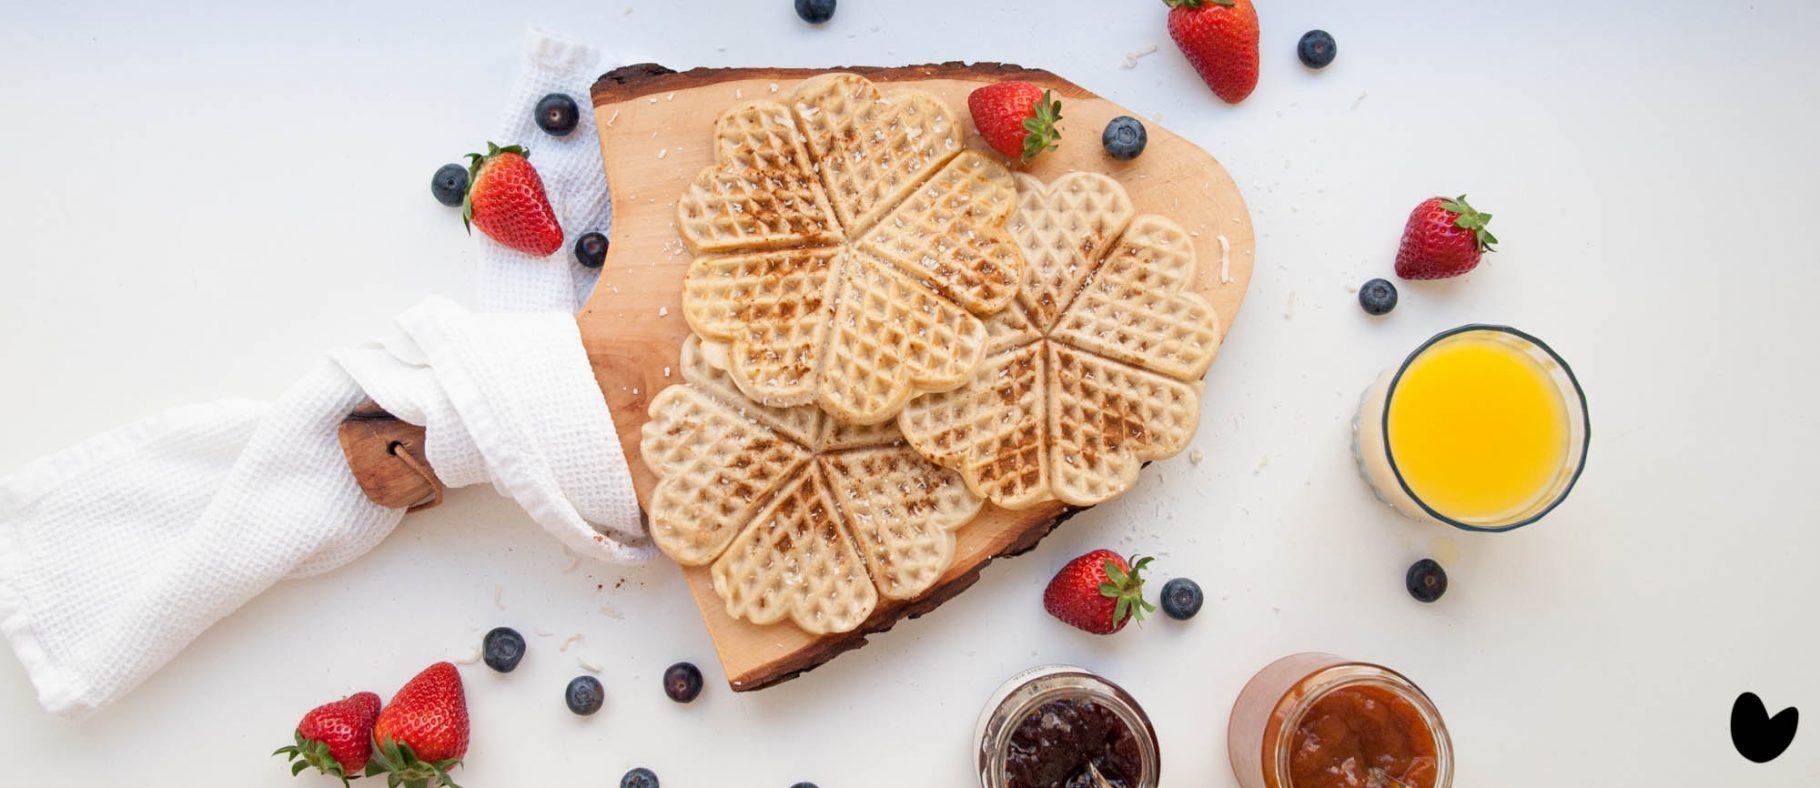 Einfache, vegane Waffeln   Frühstück 2.0